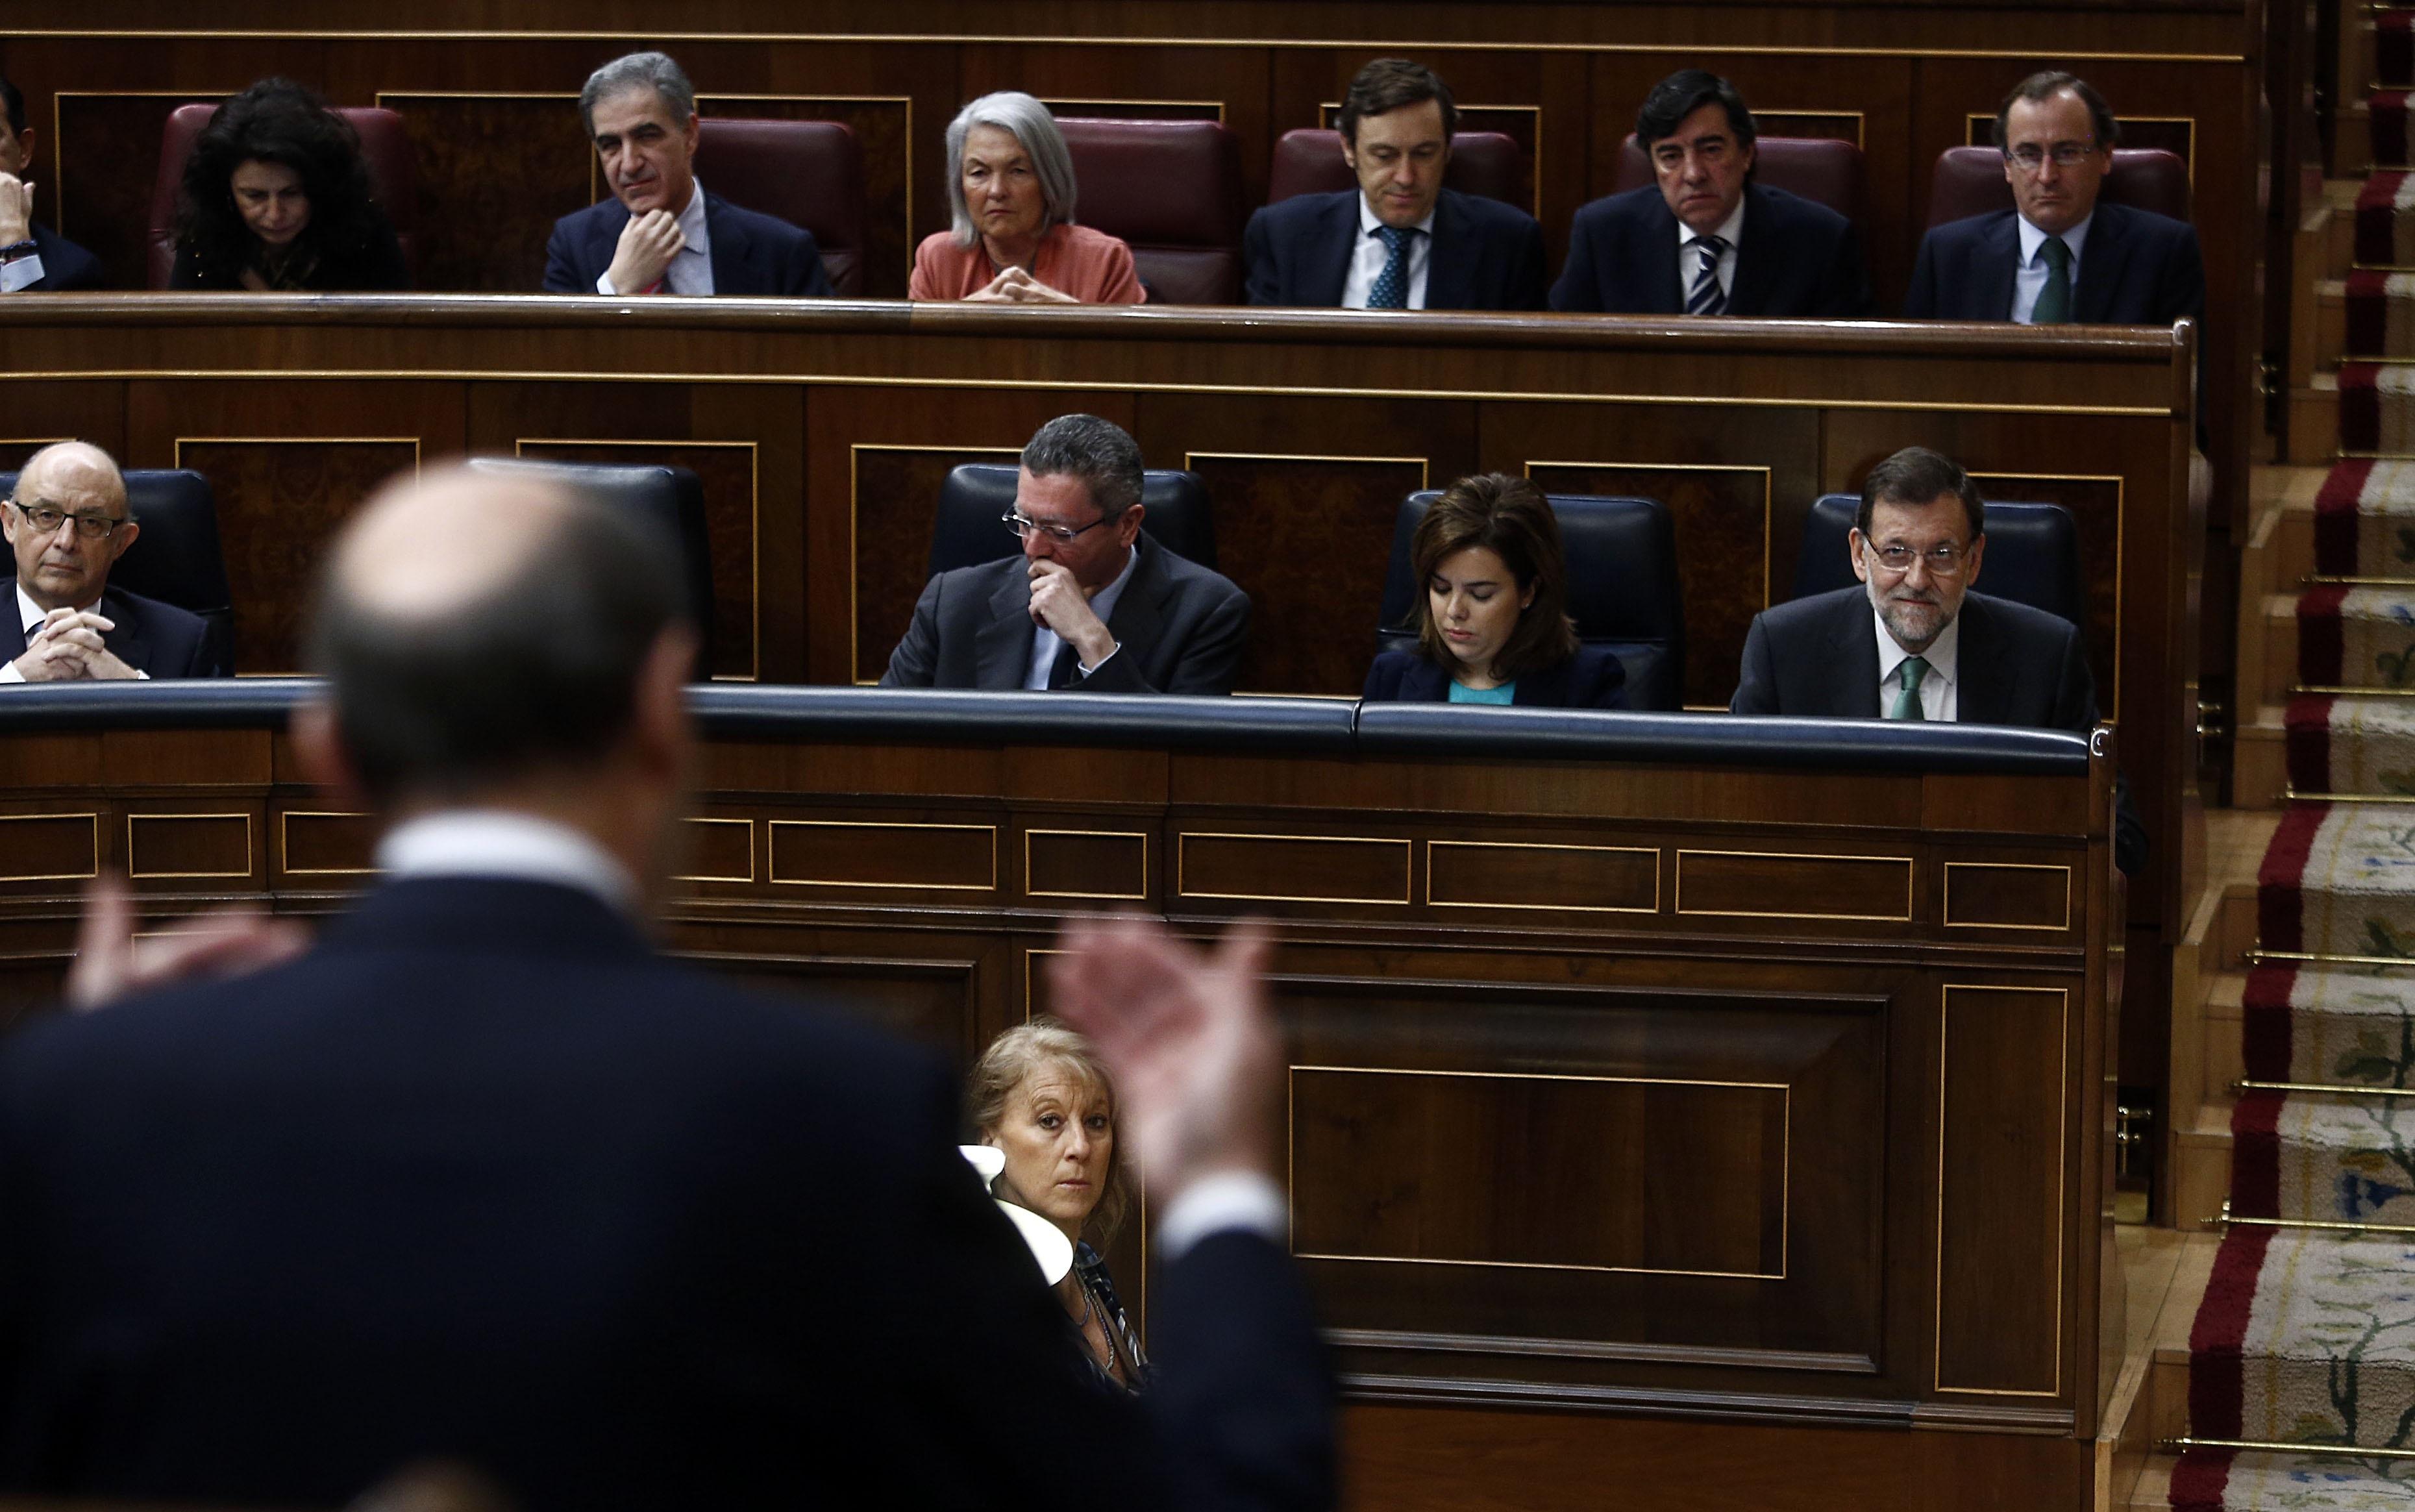 Rubalcaba pide a Rajoy que presente al Congreso sus ideas para usar los 1.800 millones contra el paro juvenil